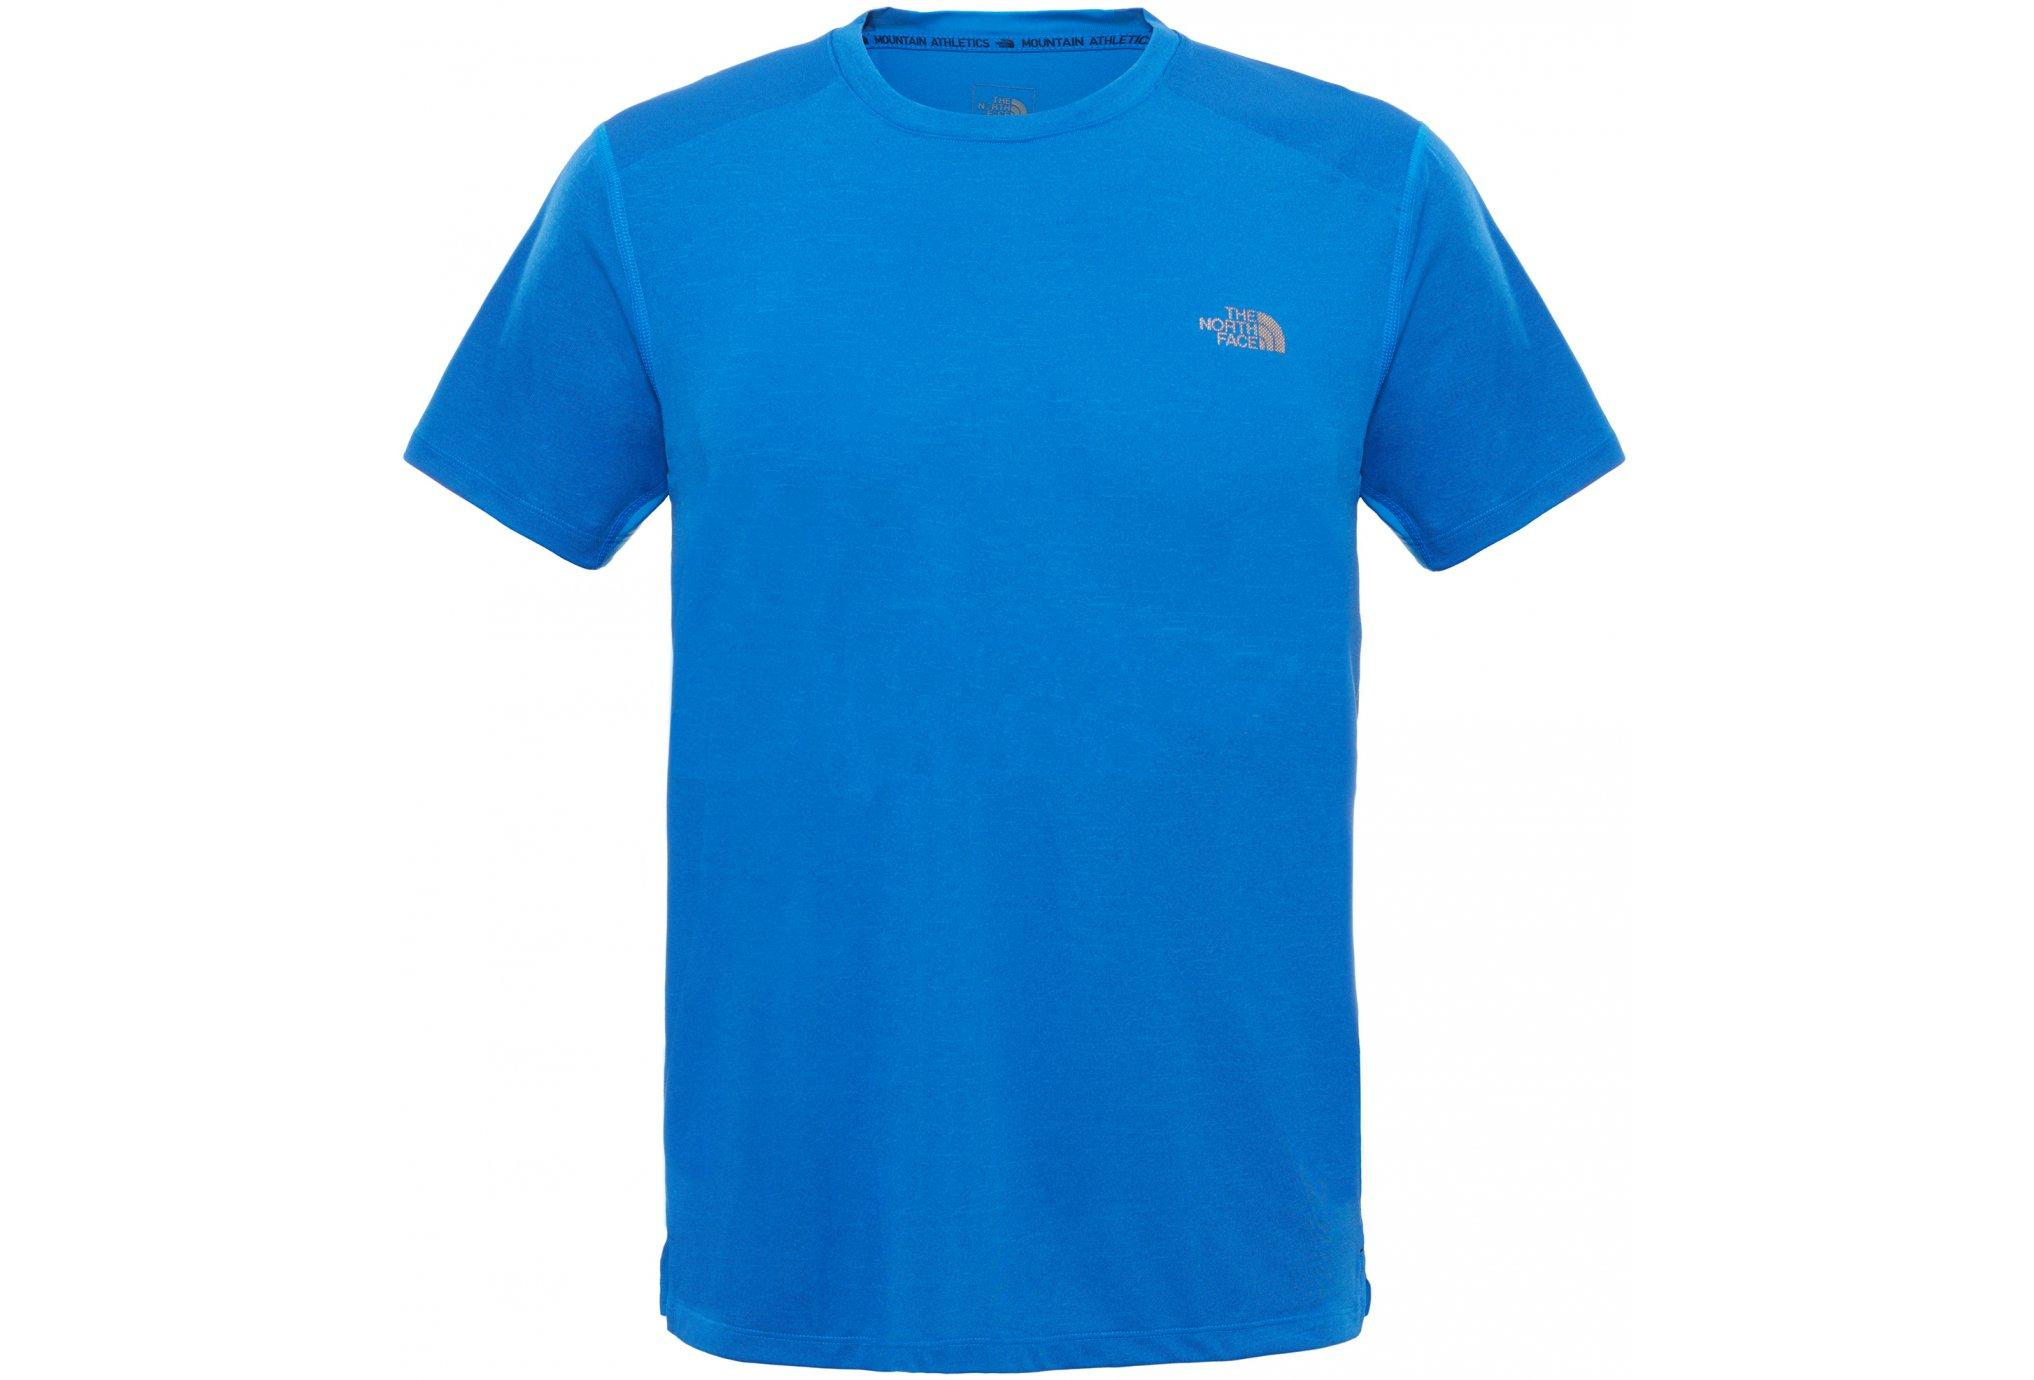 The North Face Tee-Shirt Kilowatt M Diététique Vêtements homme